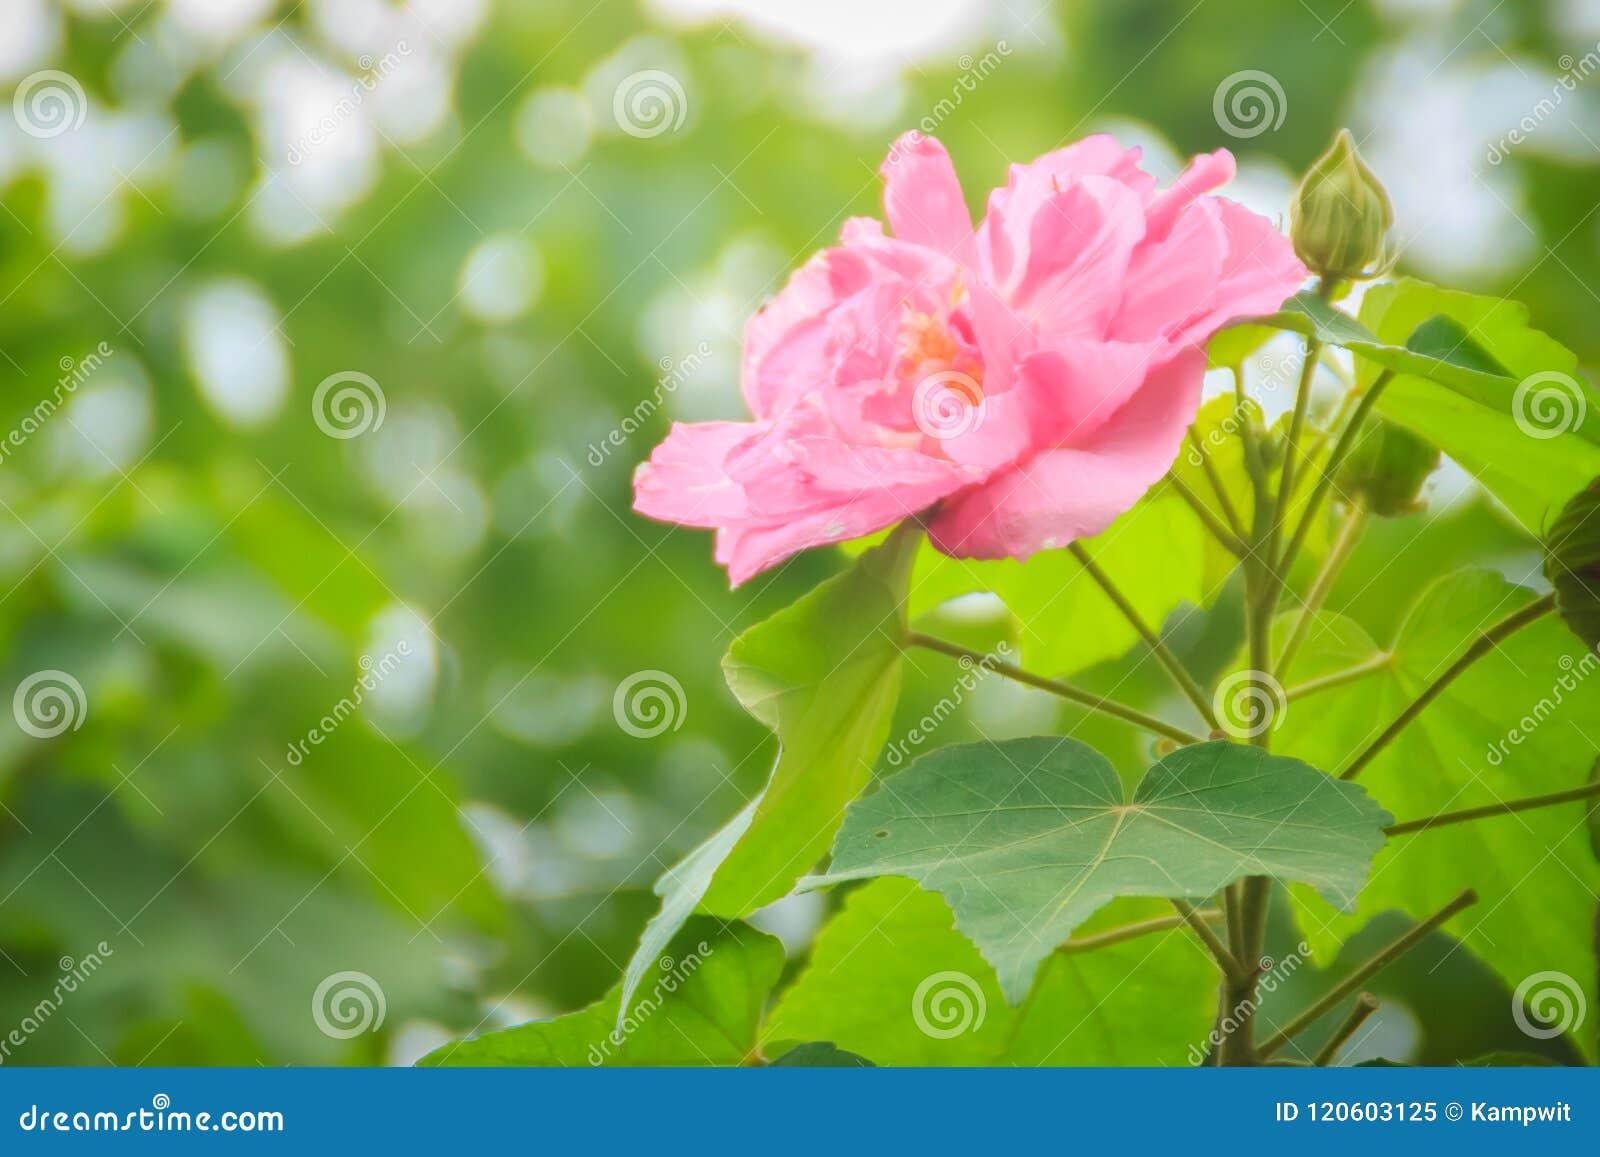 美丽的同盟玫瑰在绿色背景开花(木槿mutabilis),亦称同盟者起来了,迪克西rosemallow,